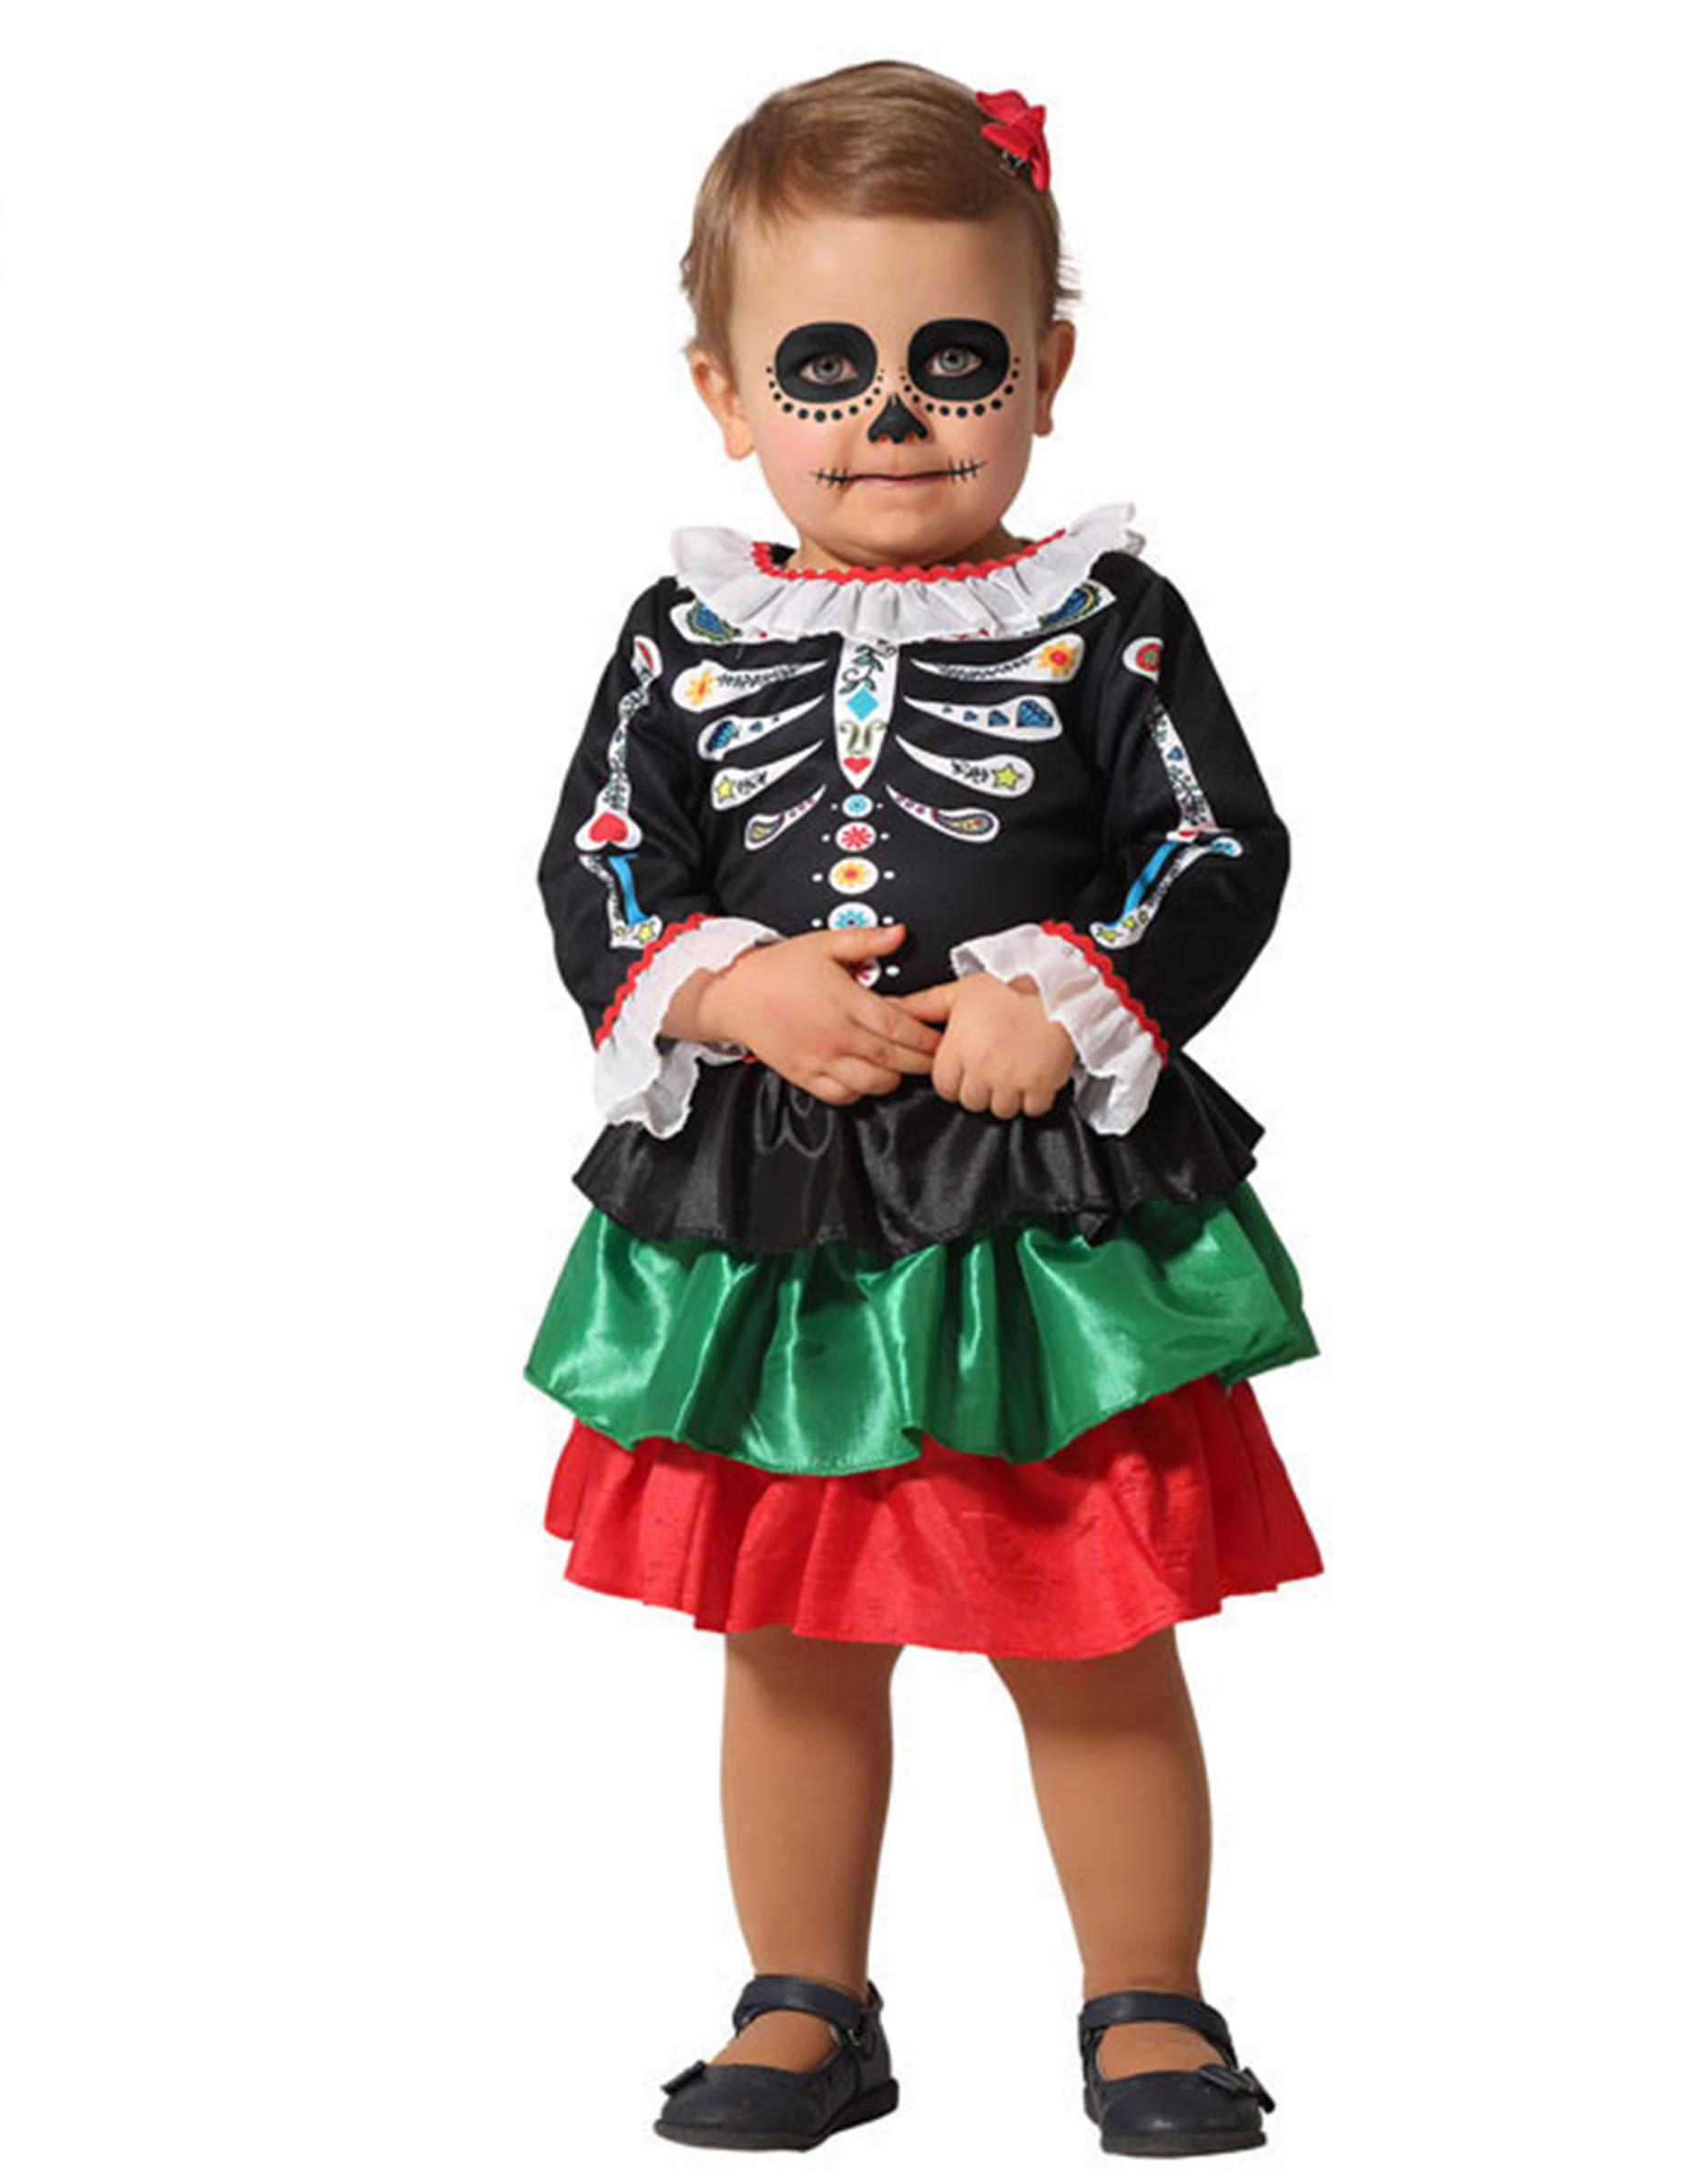 VegaooParty Déguisement squelette Dia de los muertos bébé fille - Taille: 12-24 mois (88 cm)